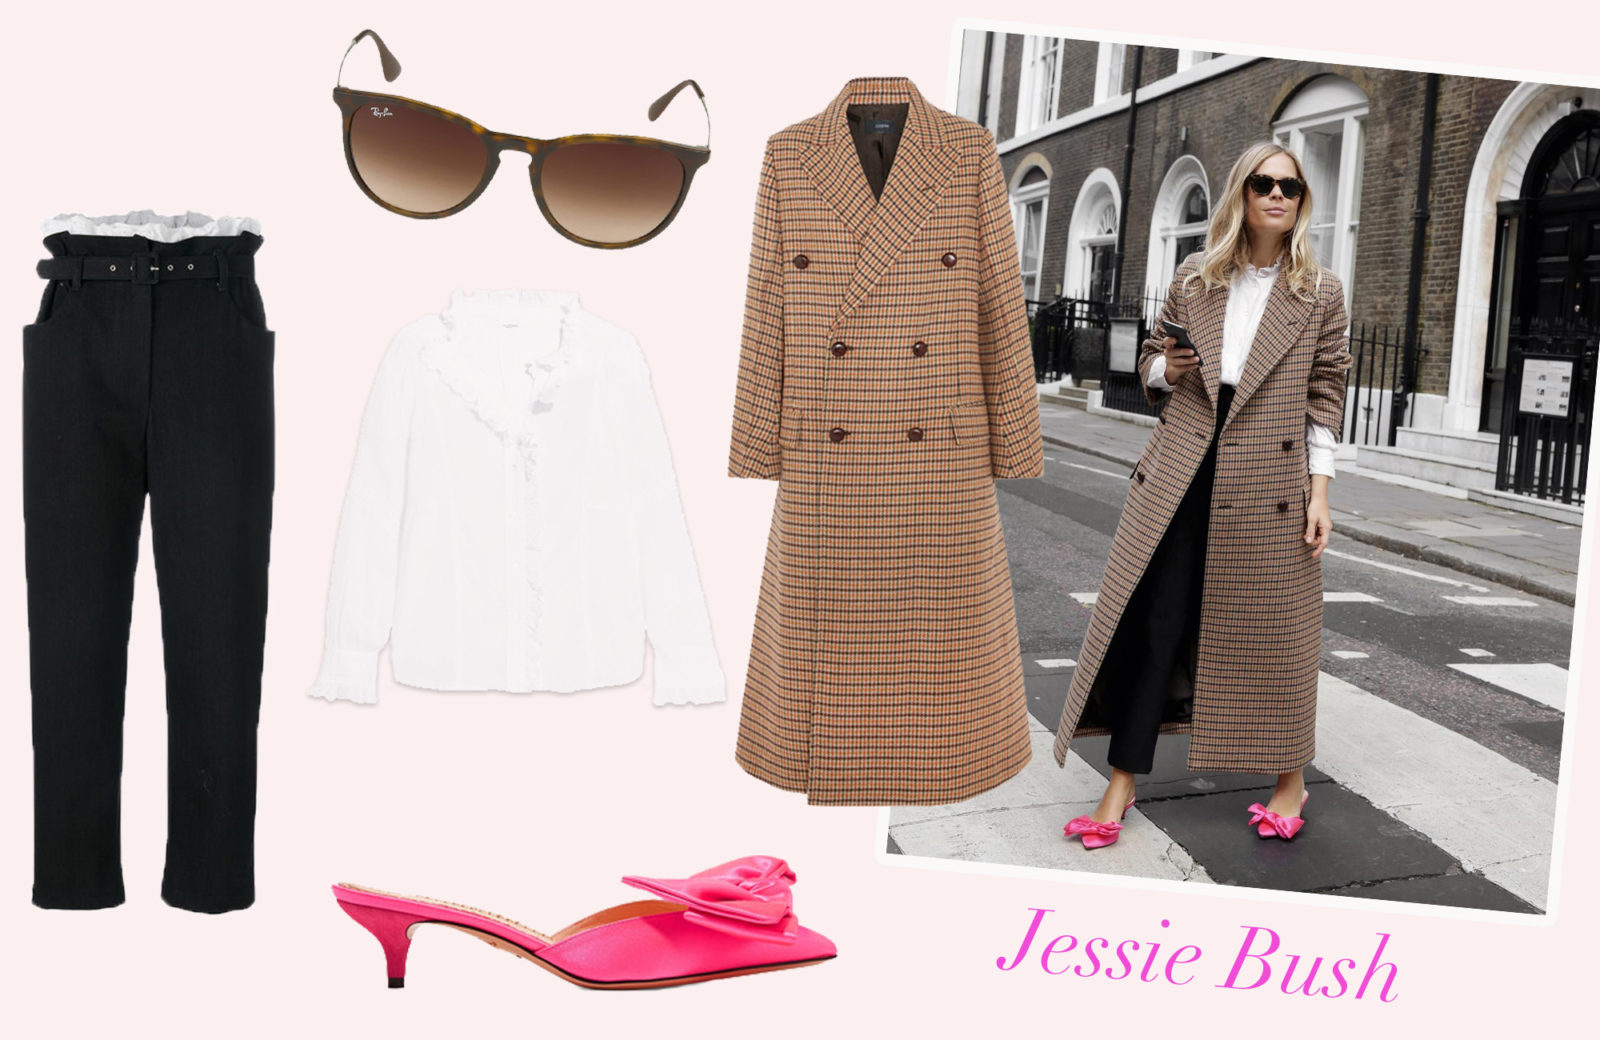 Auf Jessie Bush ist in Sachen Streetstyle Verlass. Sie kombiniert in ihrem  Look die zwei Trends 6e4e194eceb93